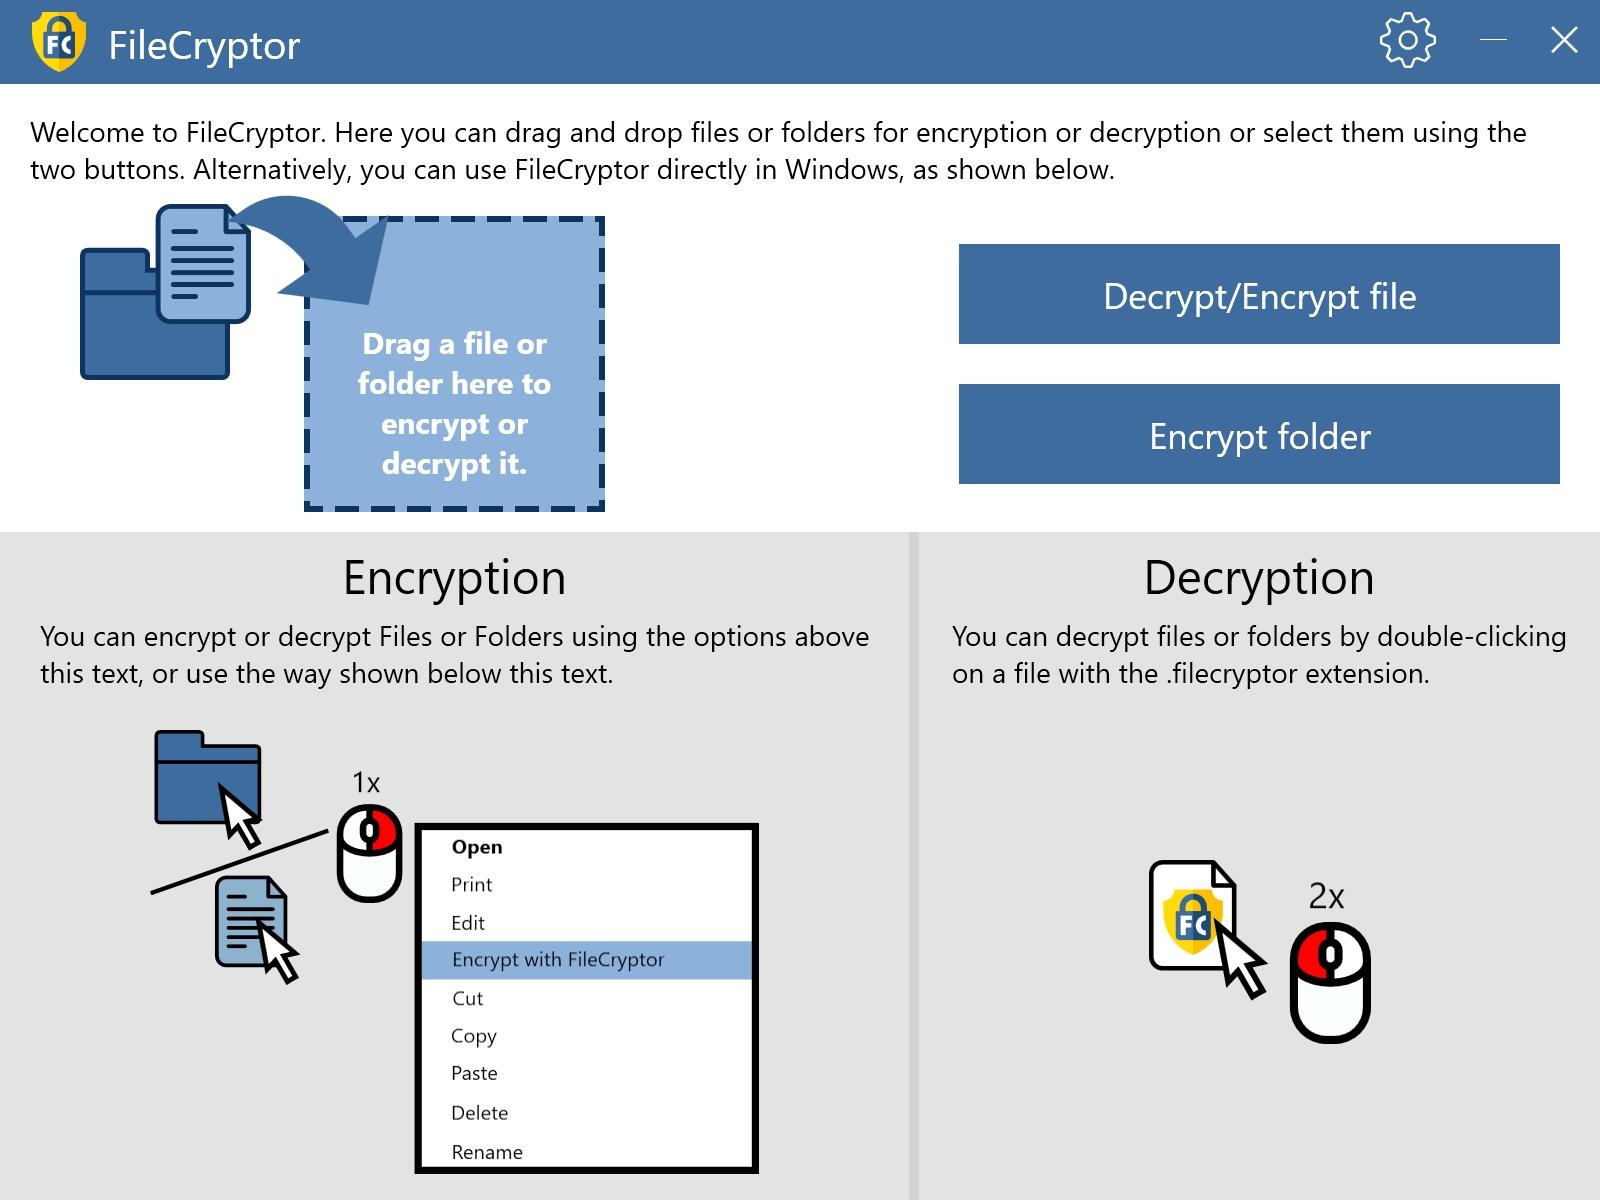 FileCryptor je užitečný nástroj pro snadné a rychlé šifrování a dešifrování souborů ve Windows. Pro pohodlnější ovládání se program integruje i do kontextové nabídky ve Windows.